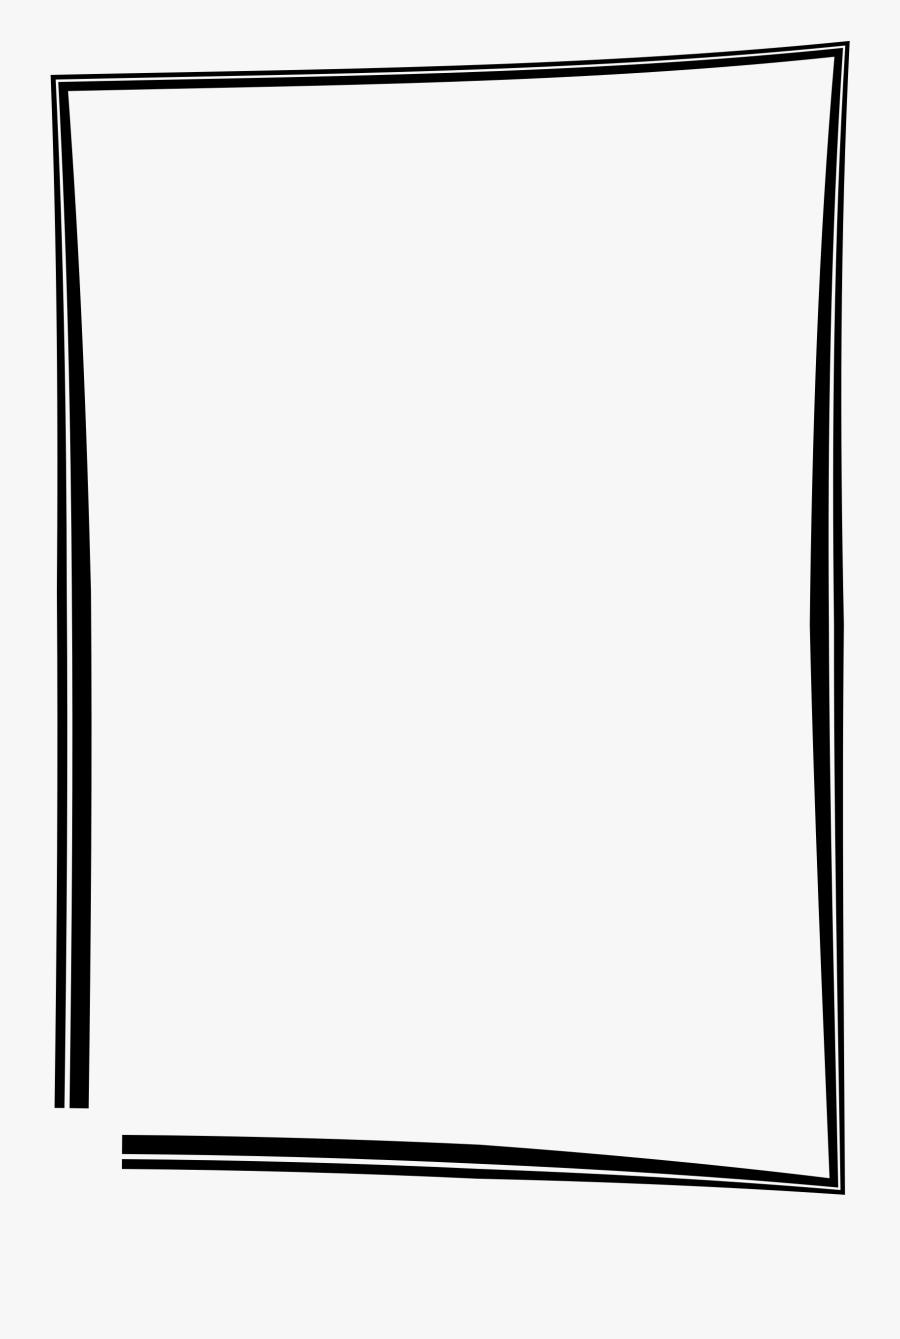 Frame Big Image Png - Simple Frame Borders Design, Transparent Clipart